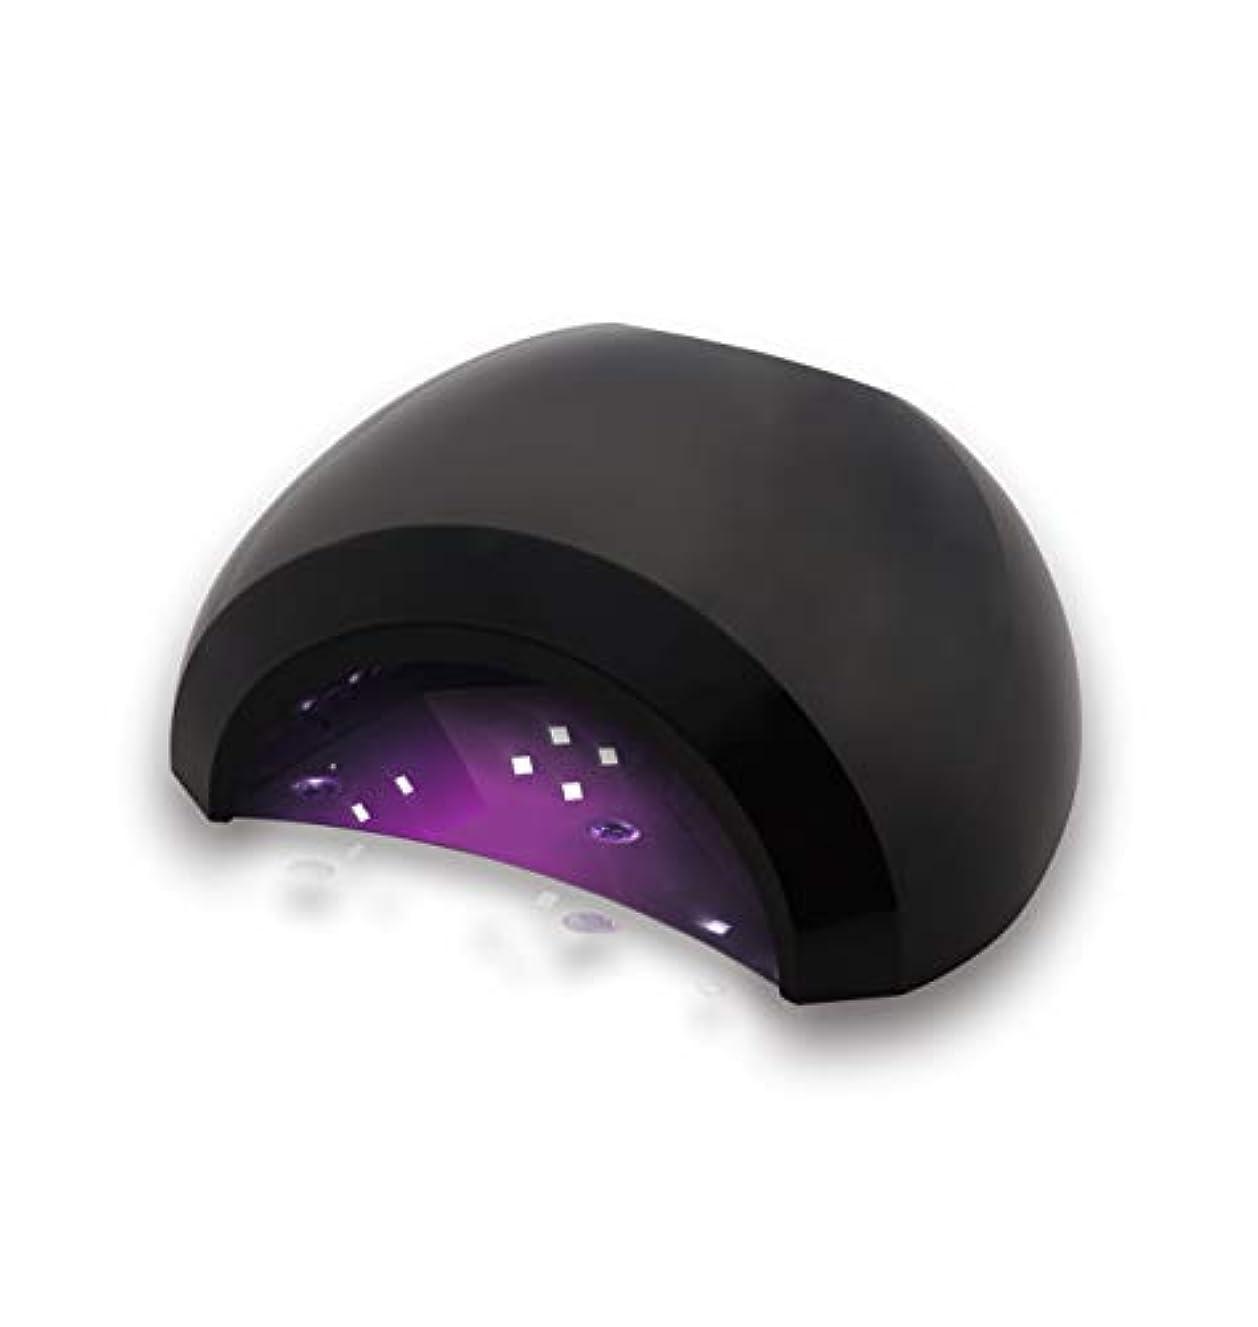 忙しい沿って高くAokitec UV LED ネイルドライヤー 48w高速硬化ネイルライト 人感センサーとタイマー付 時間メモリ 手足両用ネイルランプ 全ジェル対応 レジンにも使える 日本語説明書付【一年間保証】 …